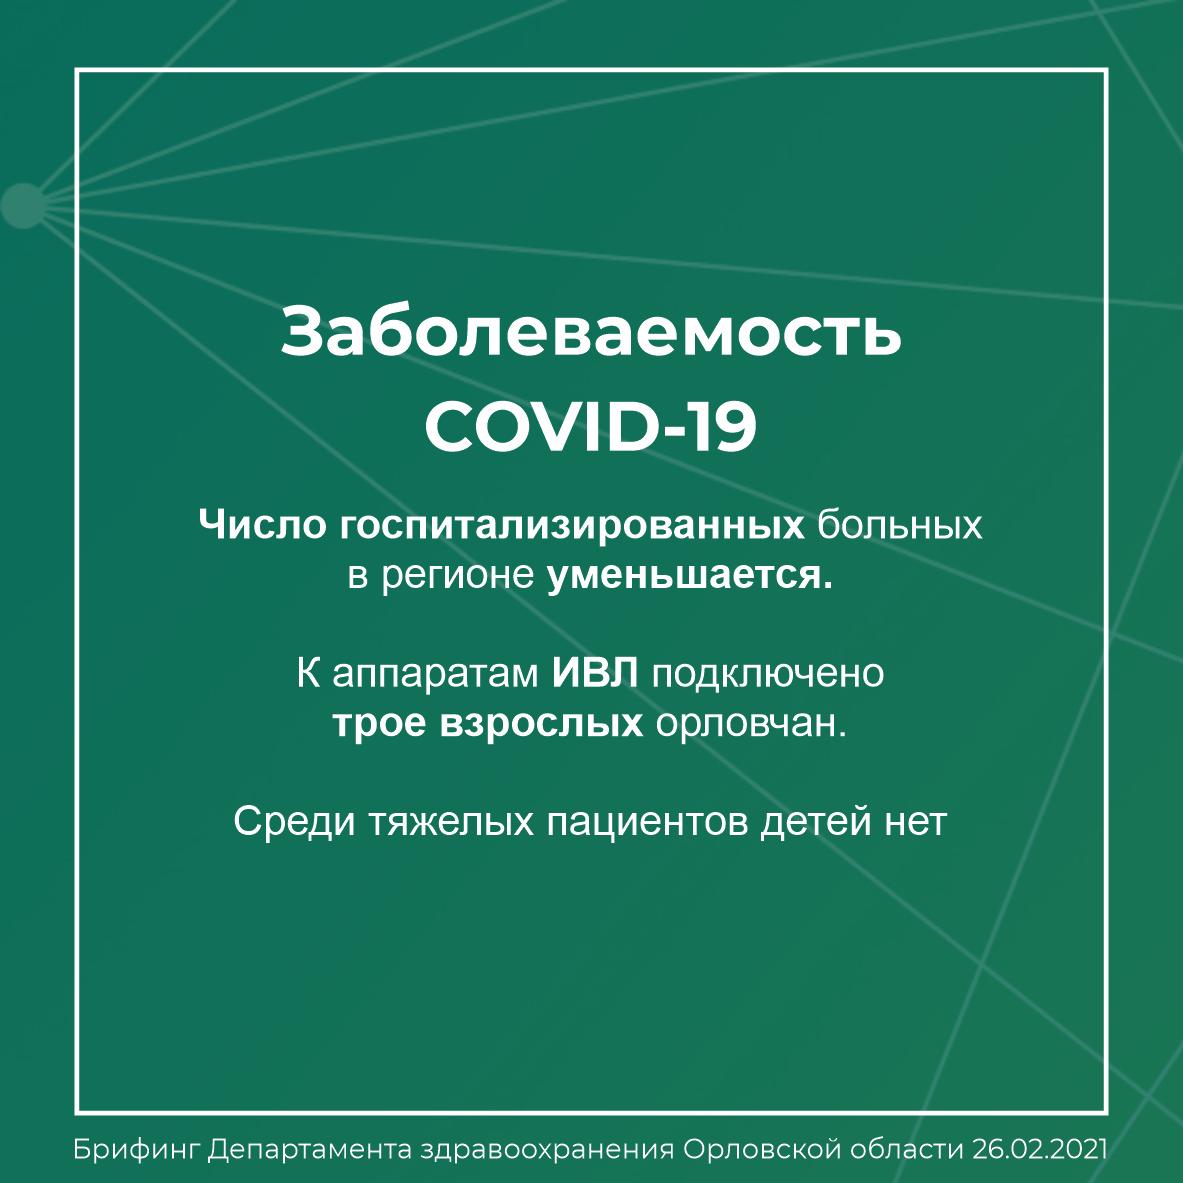 Руководитель департамента здравоохранения Орловской области Иван Залогин провел очередной брифинг по вопросам, связанным с COVID-19